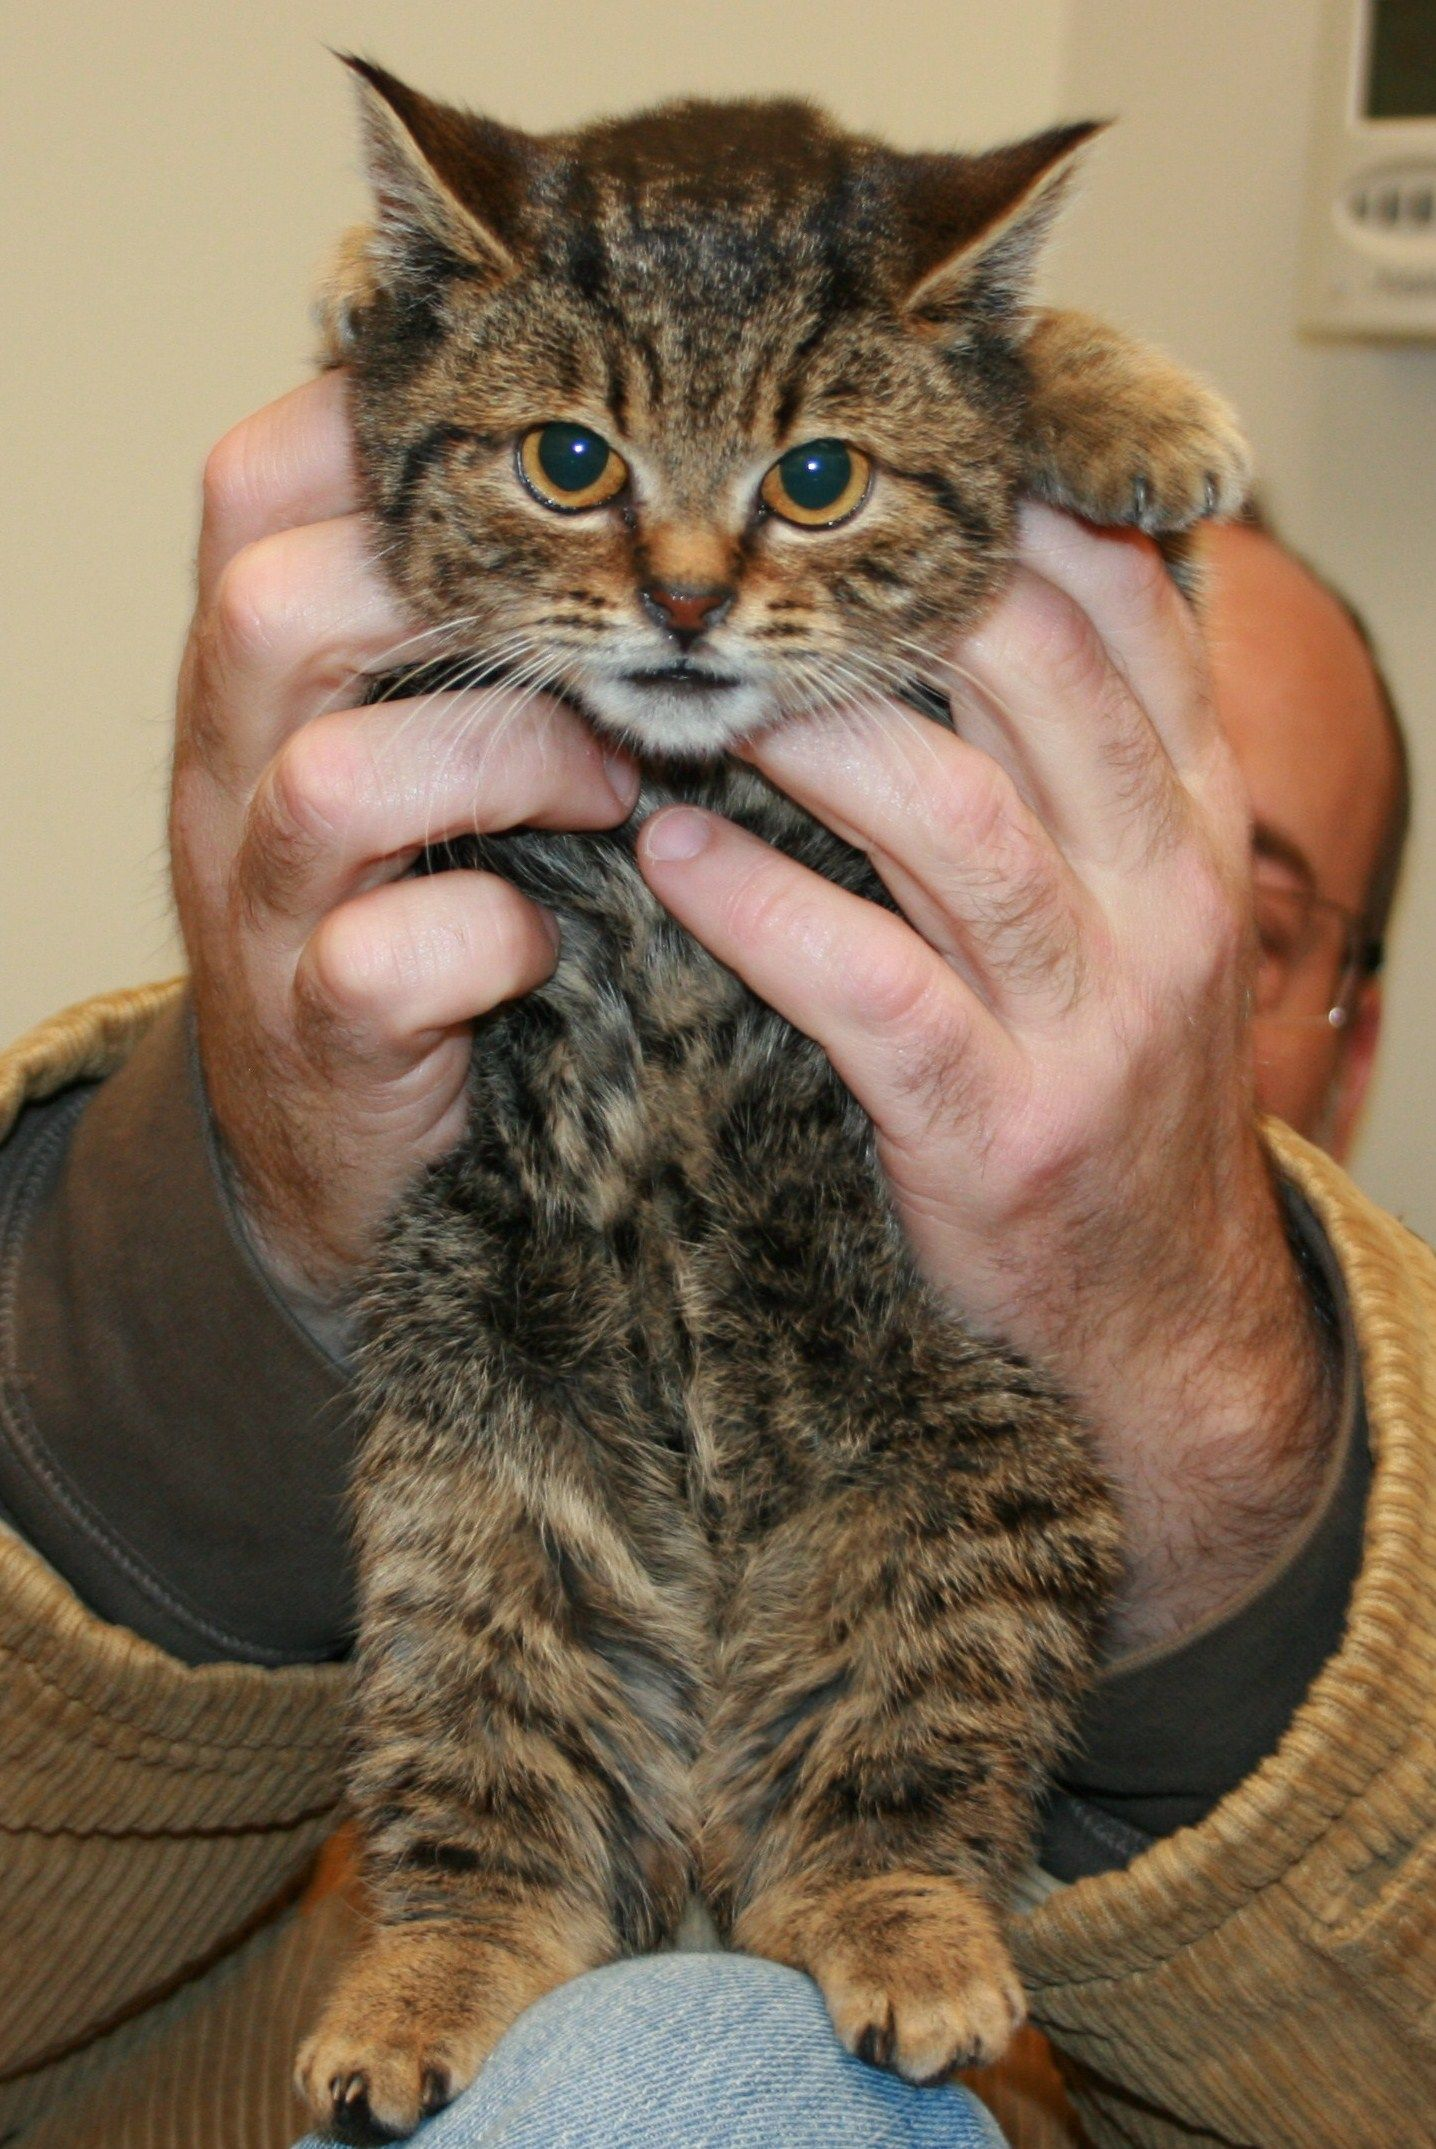 Peppermint, the dwarf cat. Looks like a kitten but is ...